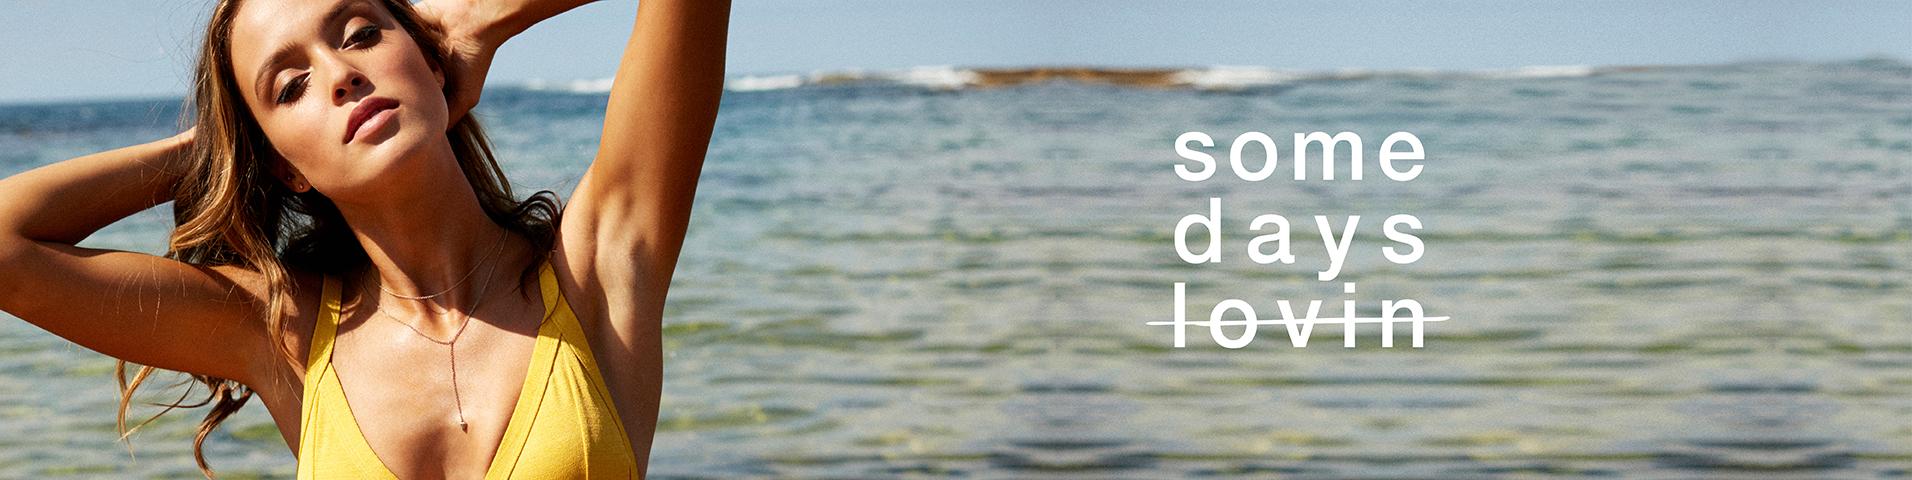 dadcff745a3c7 Somedays Lovin | Buy Somedays Lovin online on Zalando